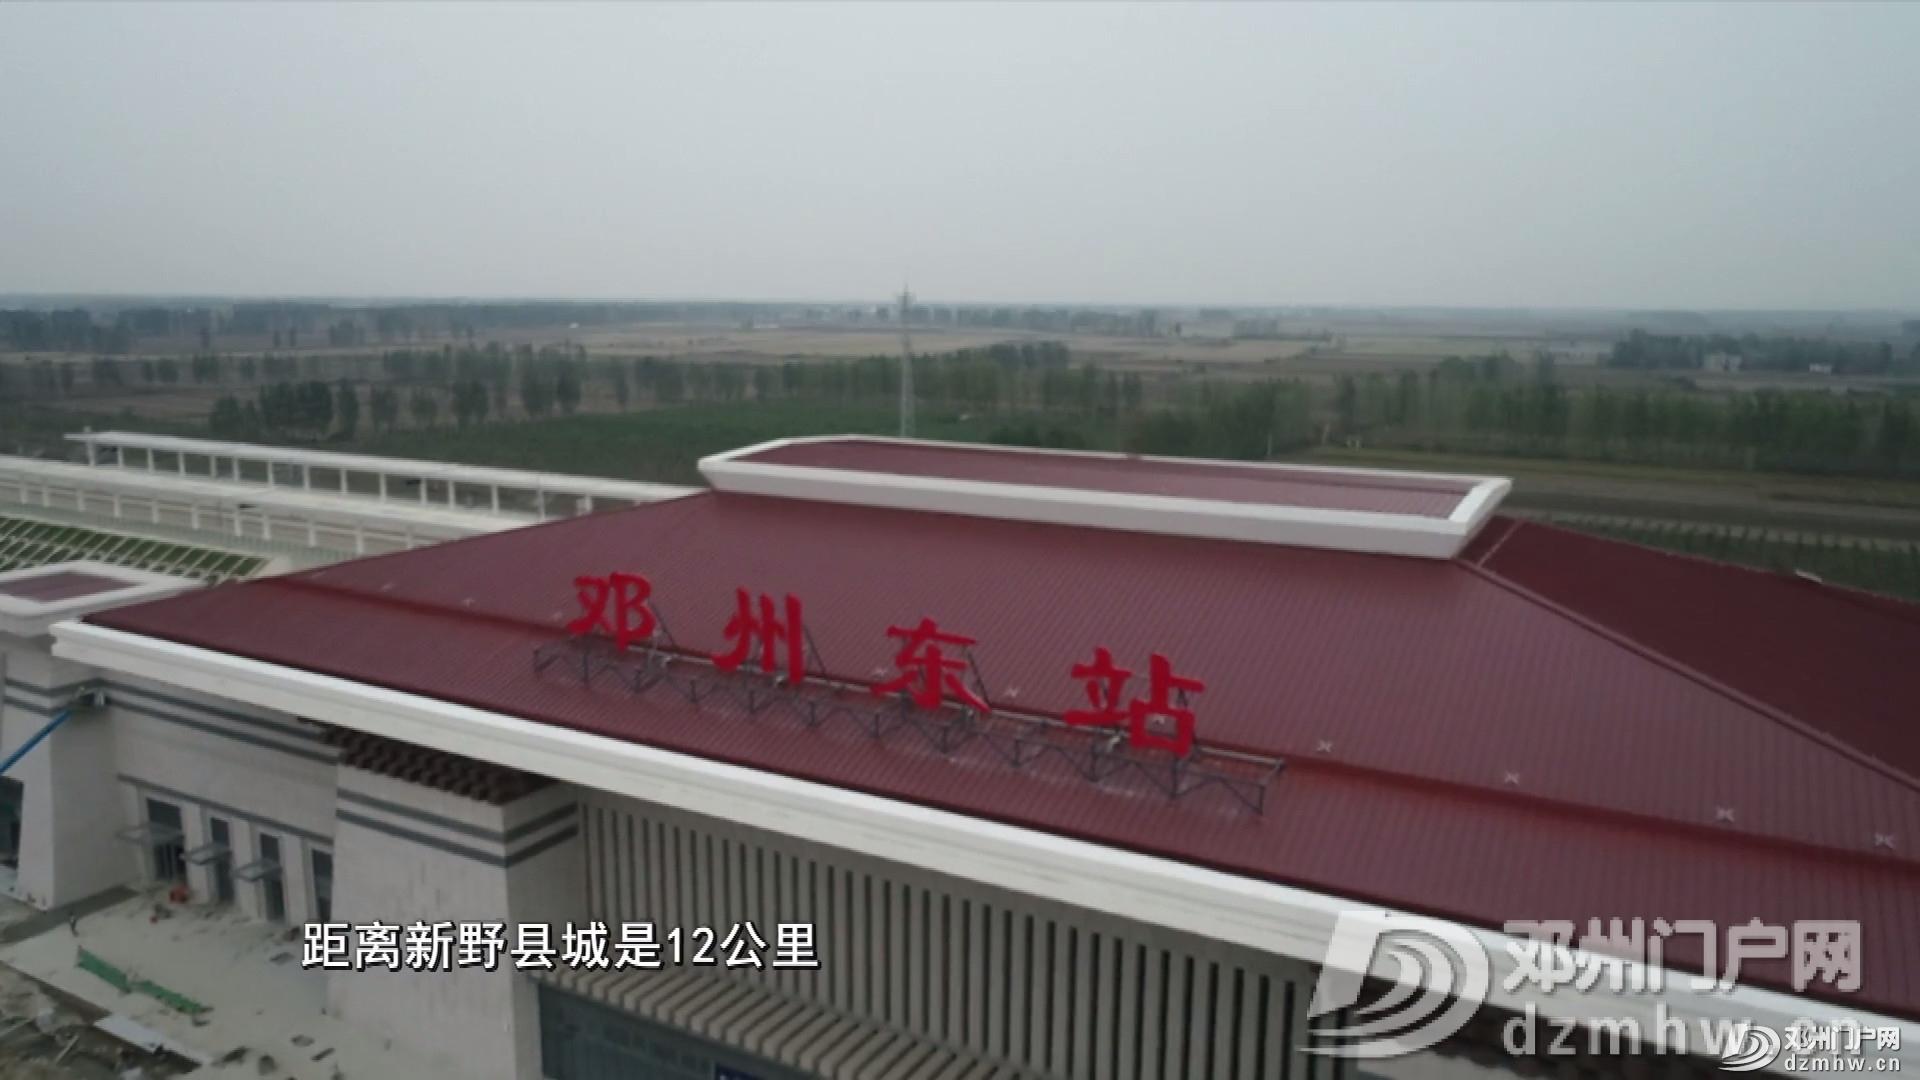 这里是邓州东站!年发送旅客将超过75万人... - 邓州门户网 邓州网 - dda4725c0fbceb3ebc7d43a247ed0ad9.jpg